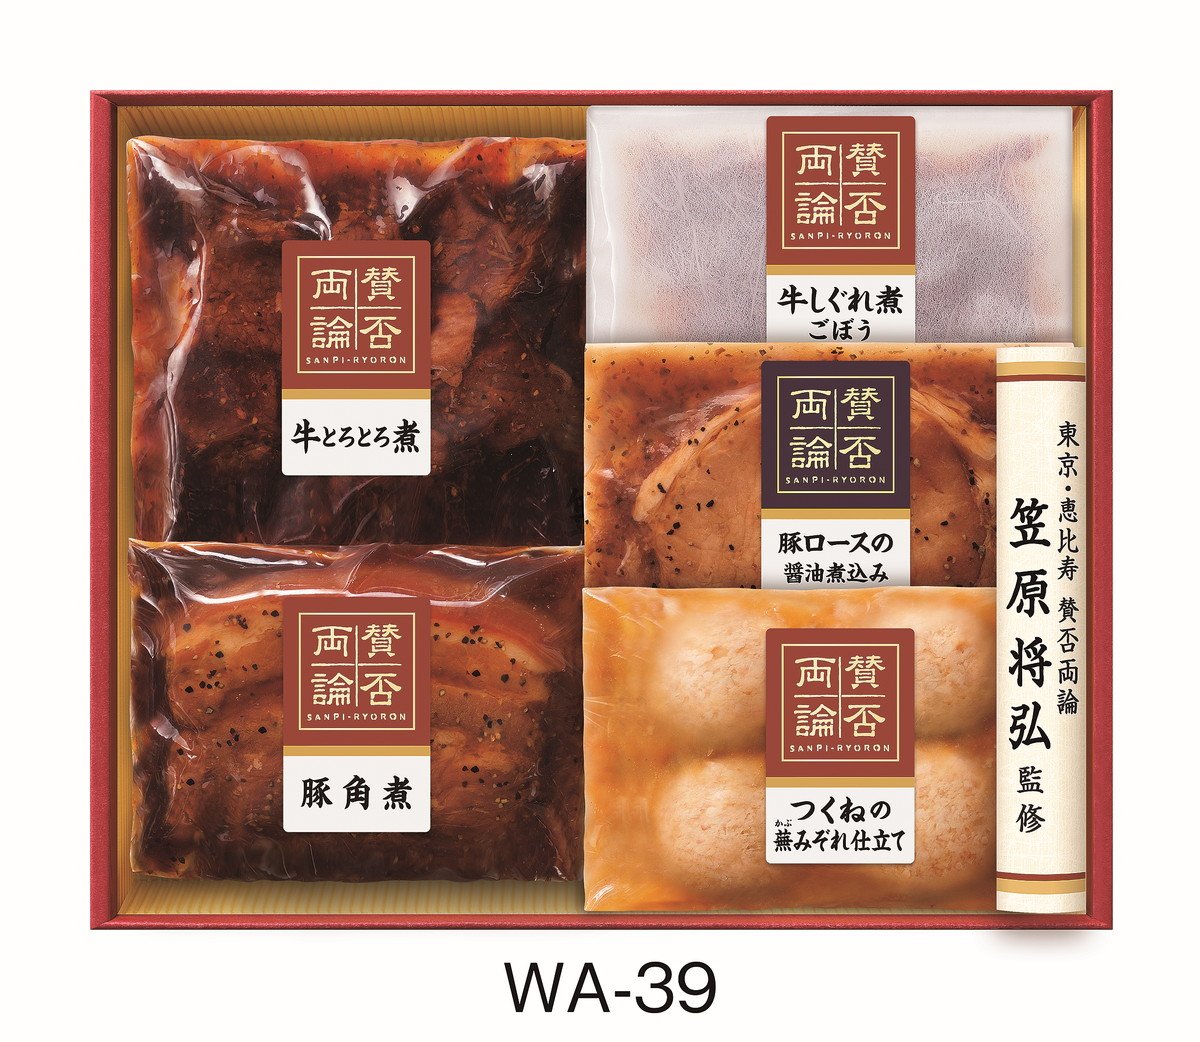 【送料無料】申込番号220* 賛否両論 こだわりの和惣菜5種セット<WA-39>【お中元】【御中元】【夏ギフト】